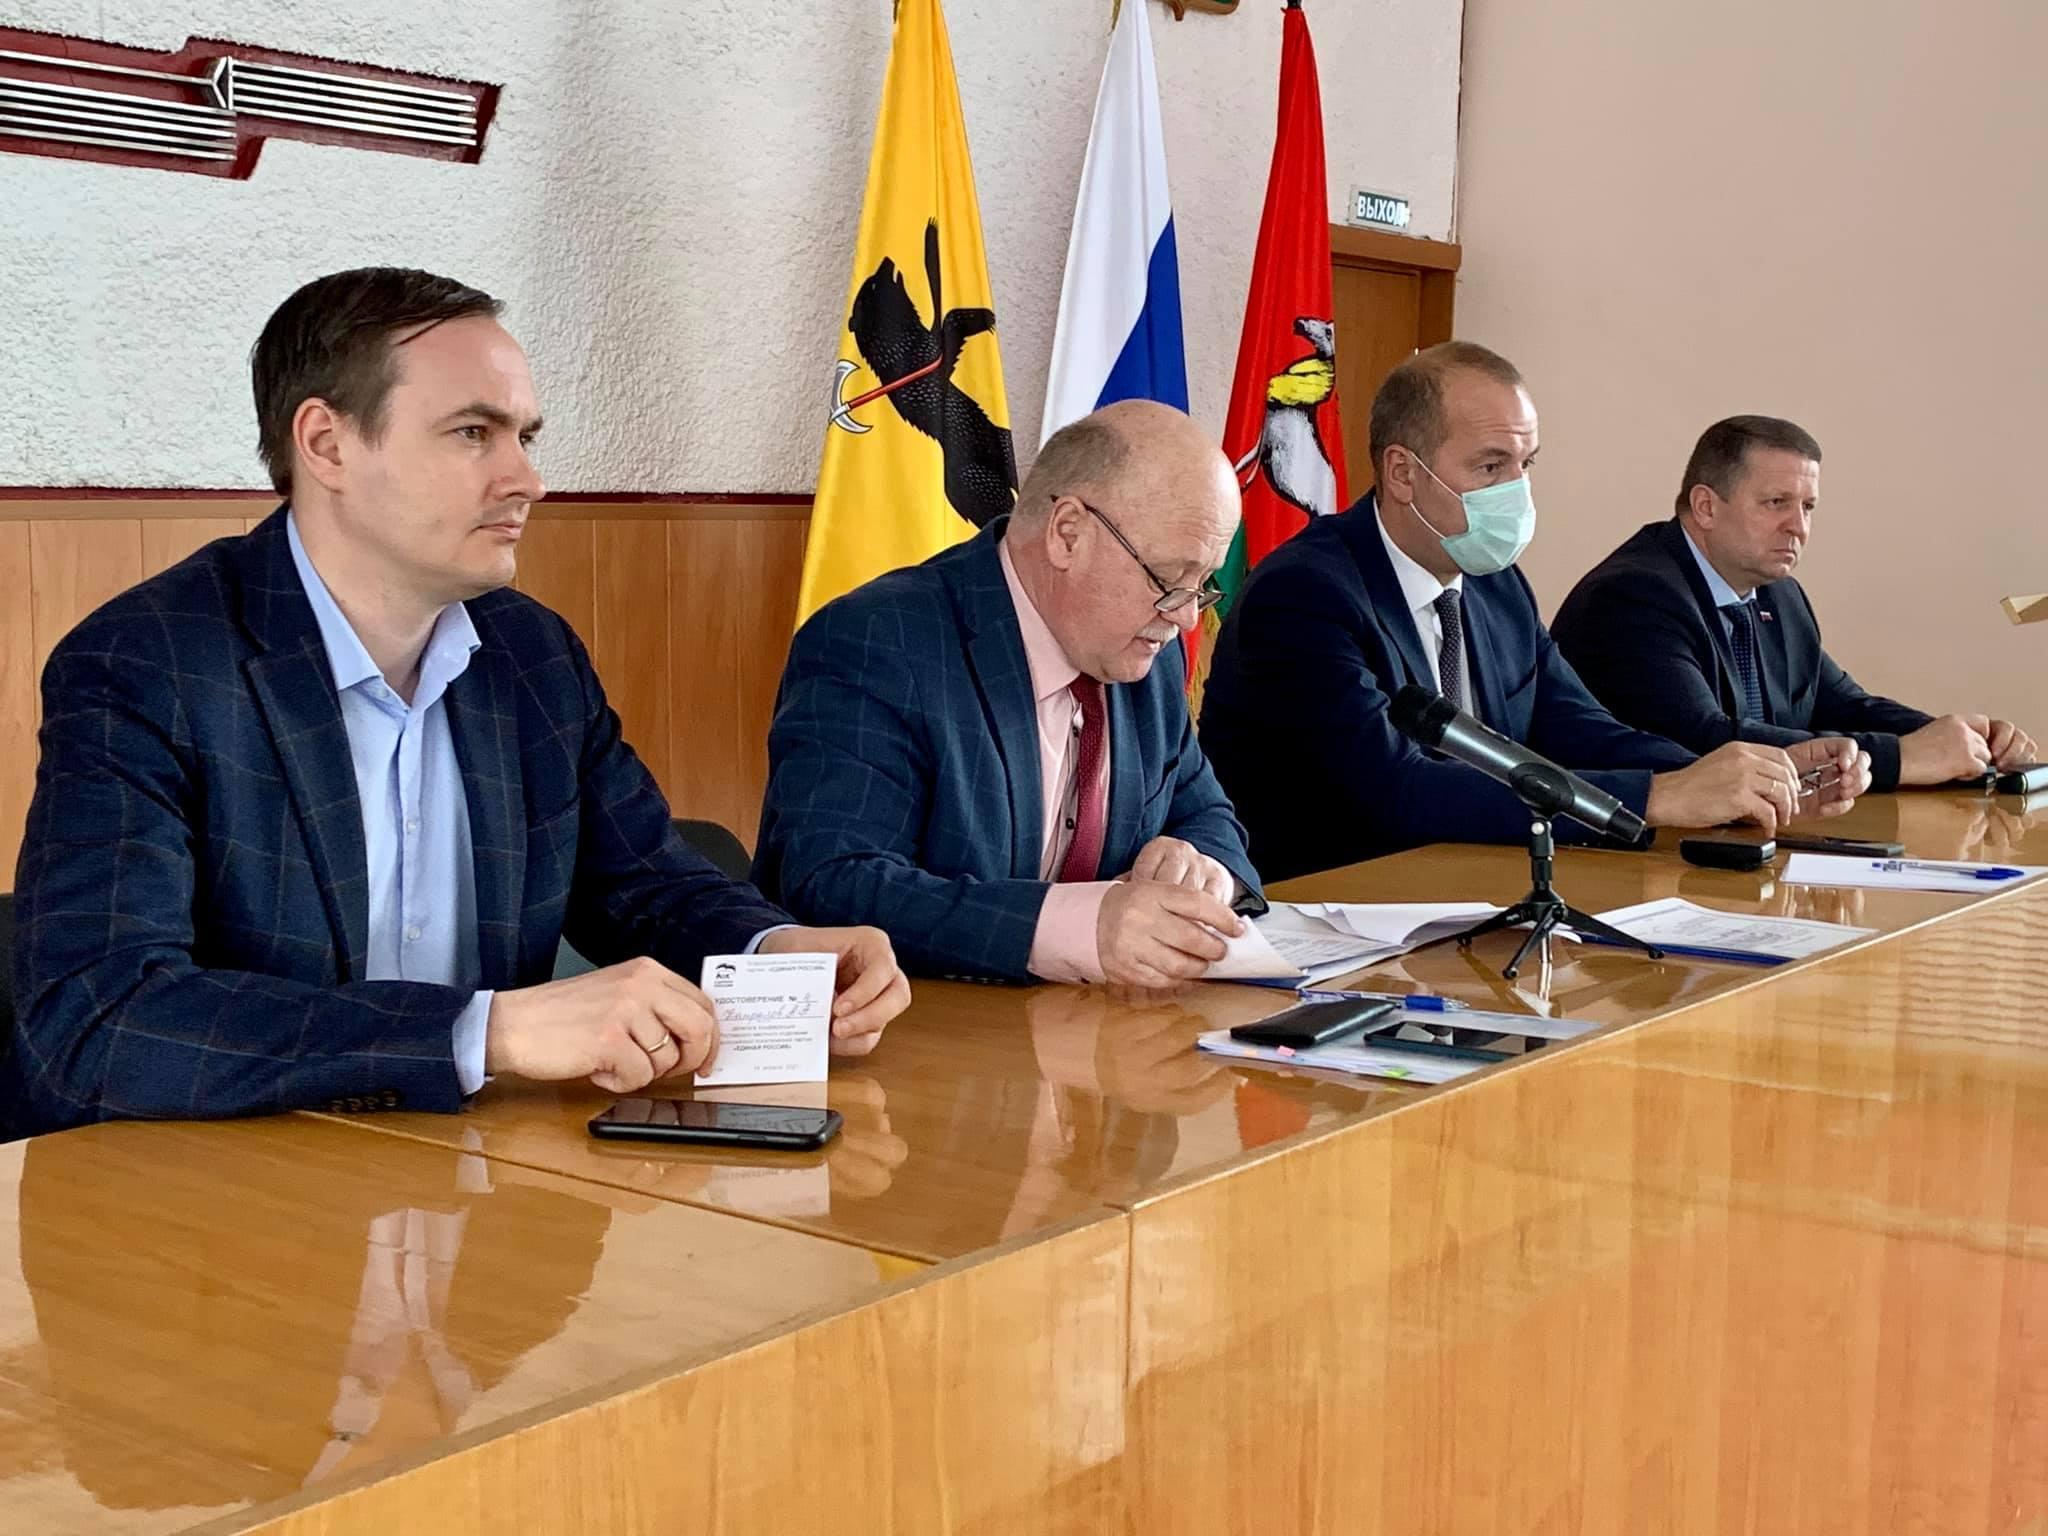 В районах Ярославской области обсуждают проекты благоустройства территорий на 2022 год